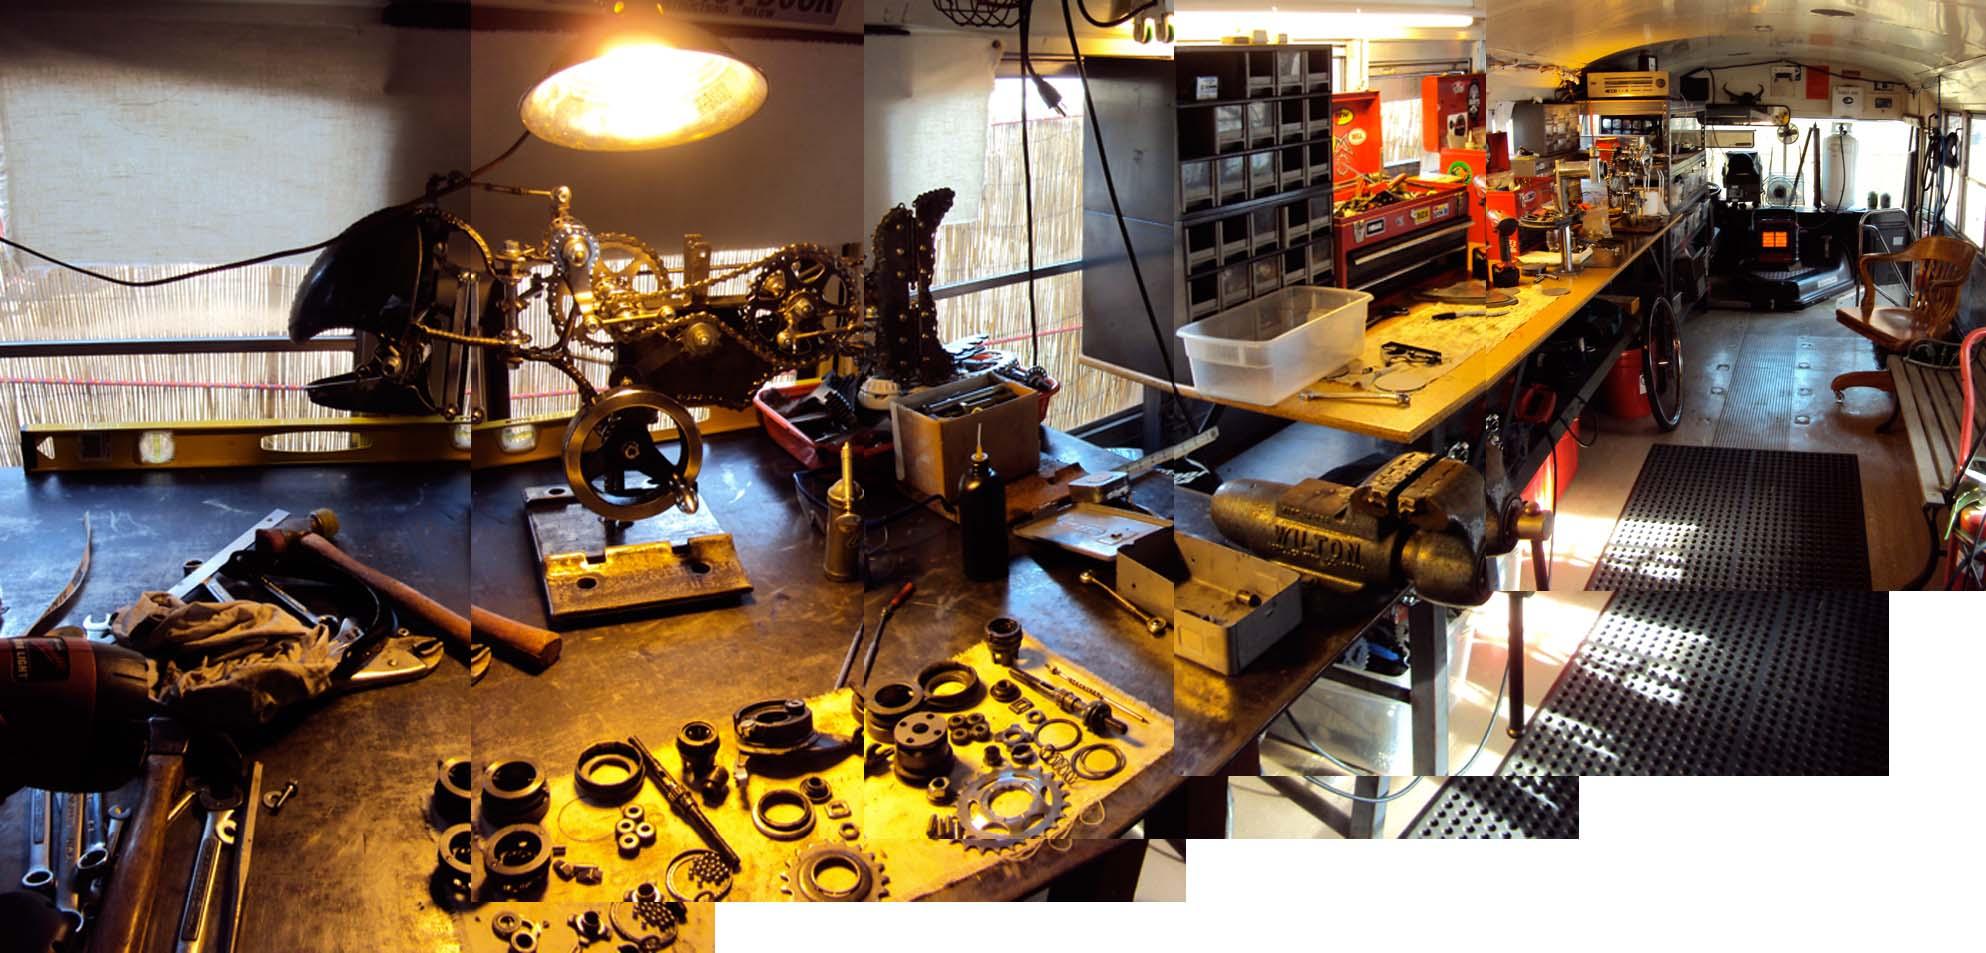 Chris Cole Shop 02 19 2012 LR.jpg